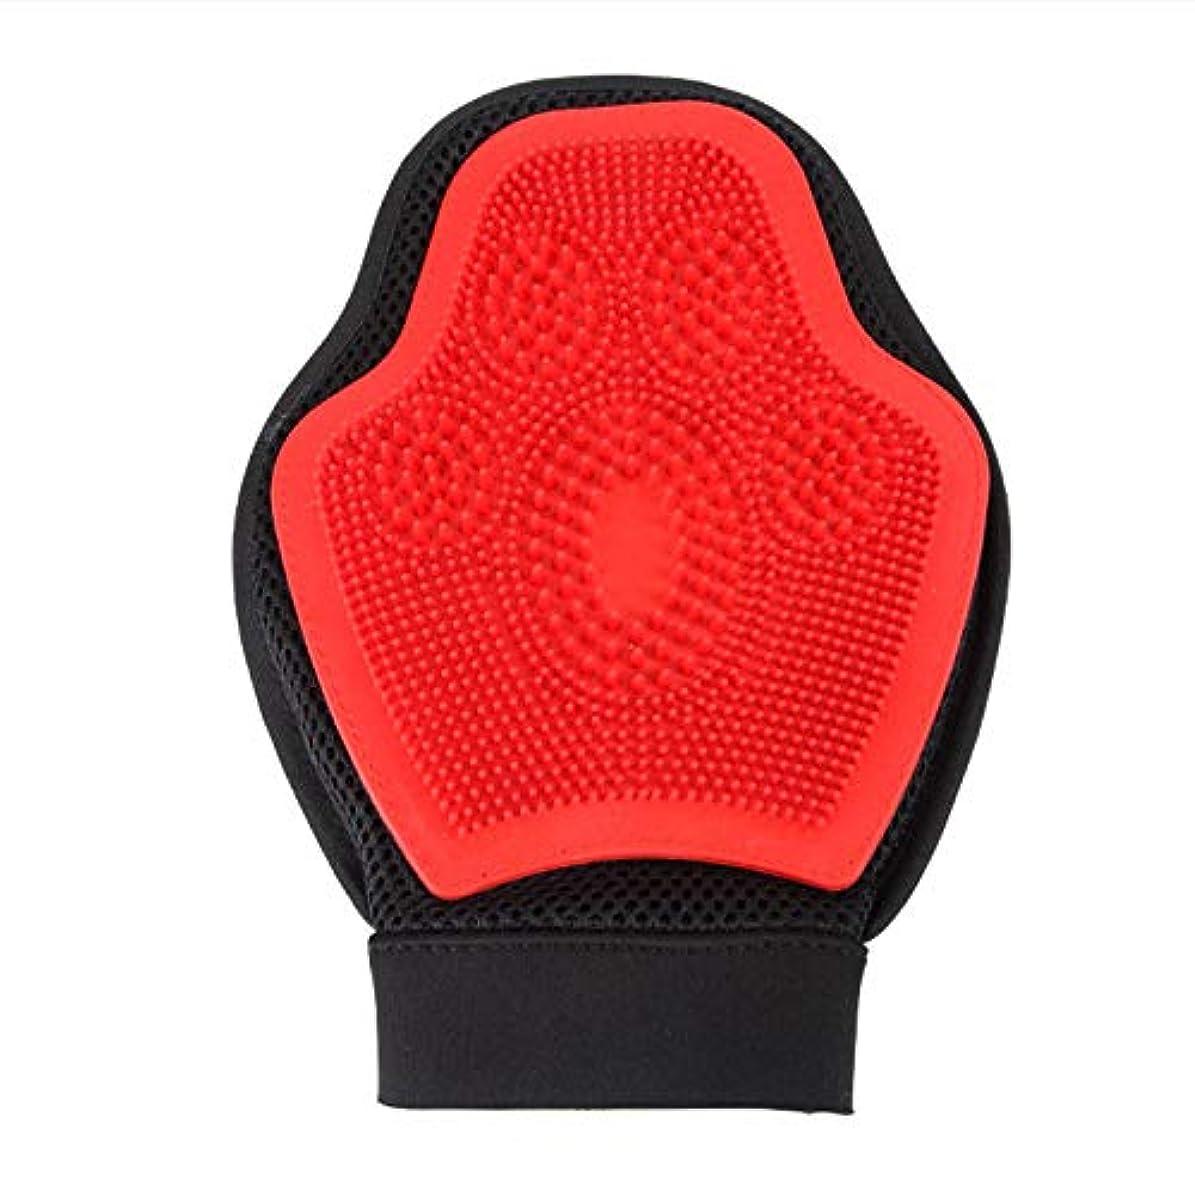 趣味韻腐敗BTXXYJP 手袋 ペット ブラシ グローブ 猫 ブラシ クリーナー 抜け毛取り ブラッシング マッサージブラシ 犬 グローブ ペット毛取りブラシ お手入れ (Color : Red, Size : L)